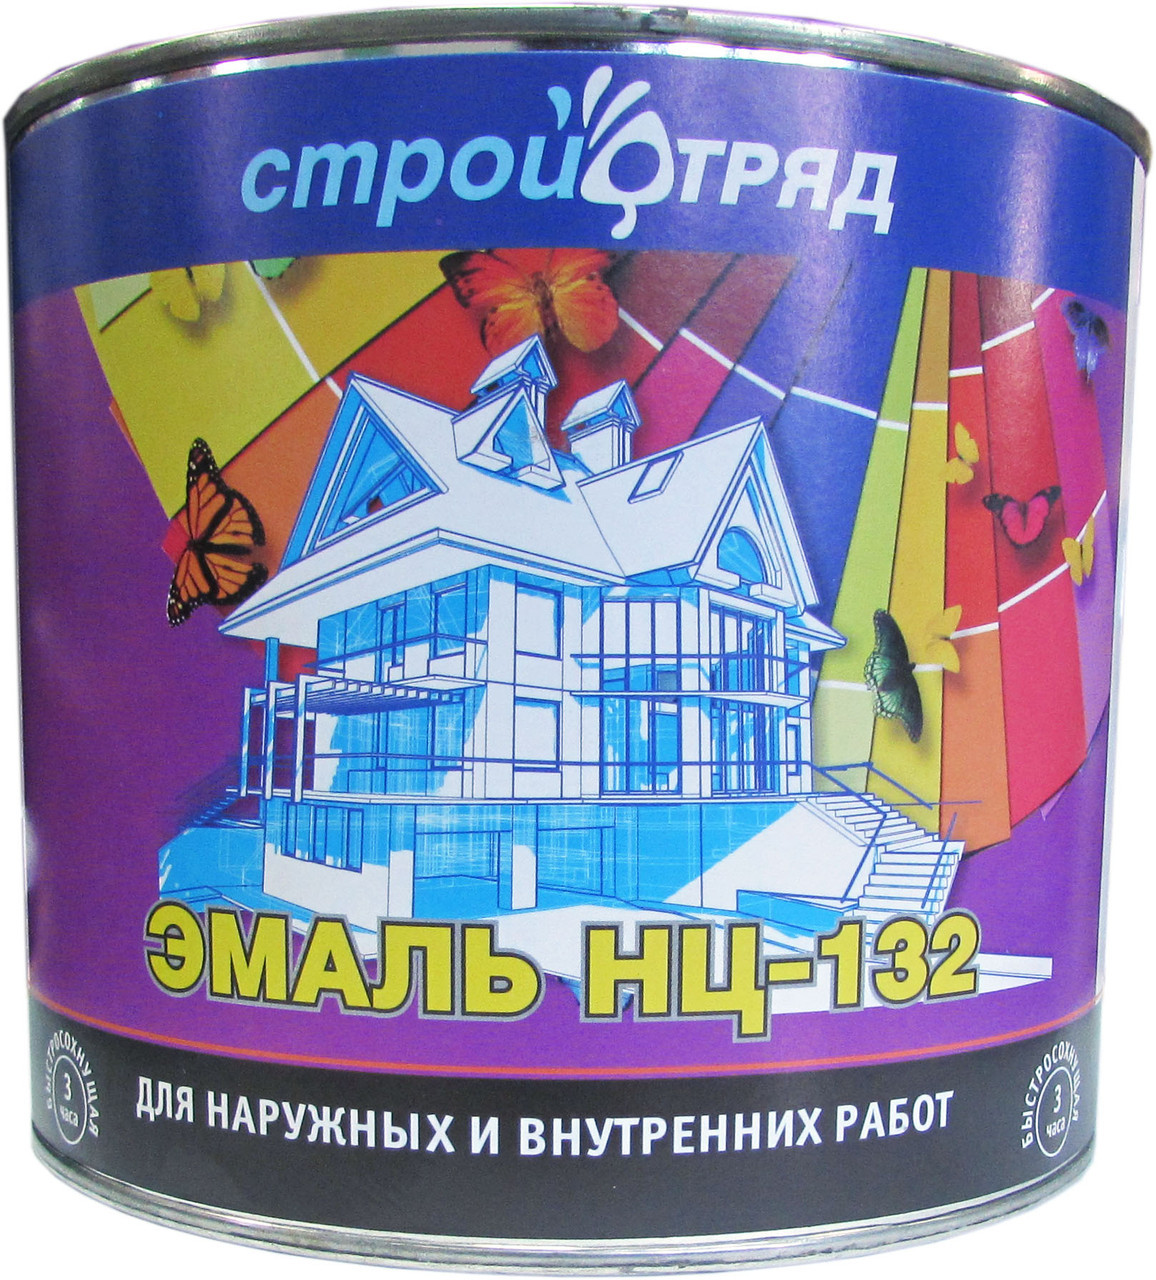 ЭМАЛЬ НЦ-132 коричневая 0,7 кг